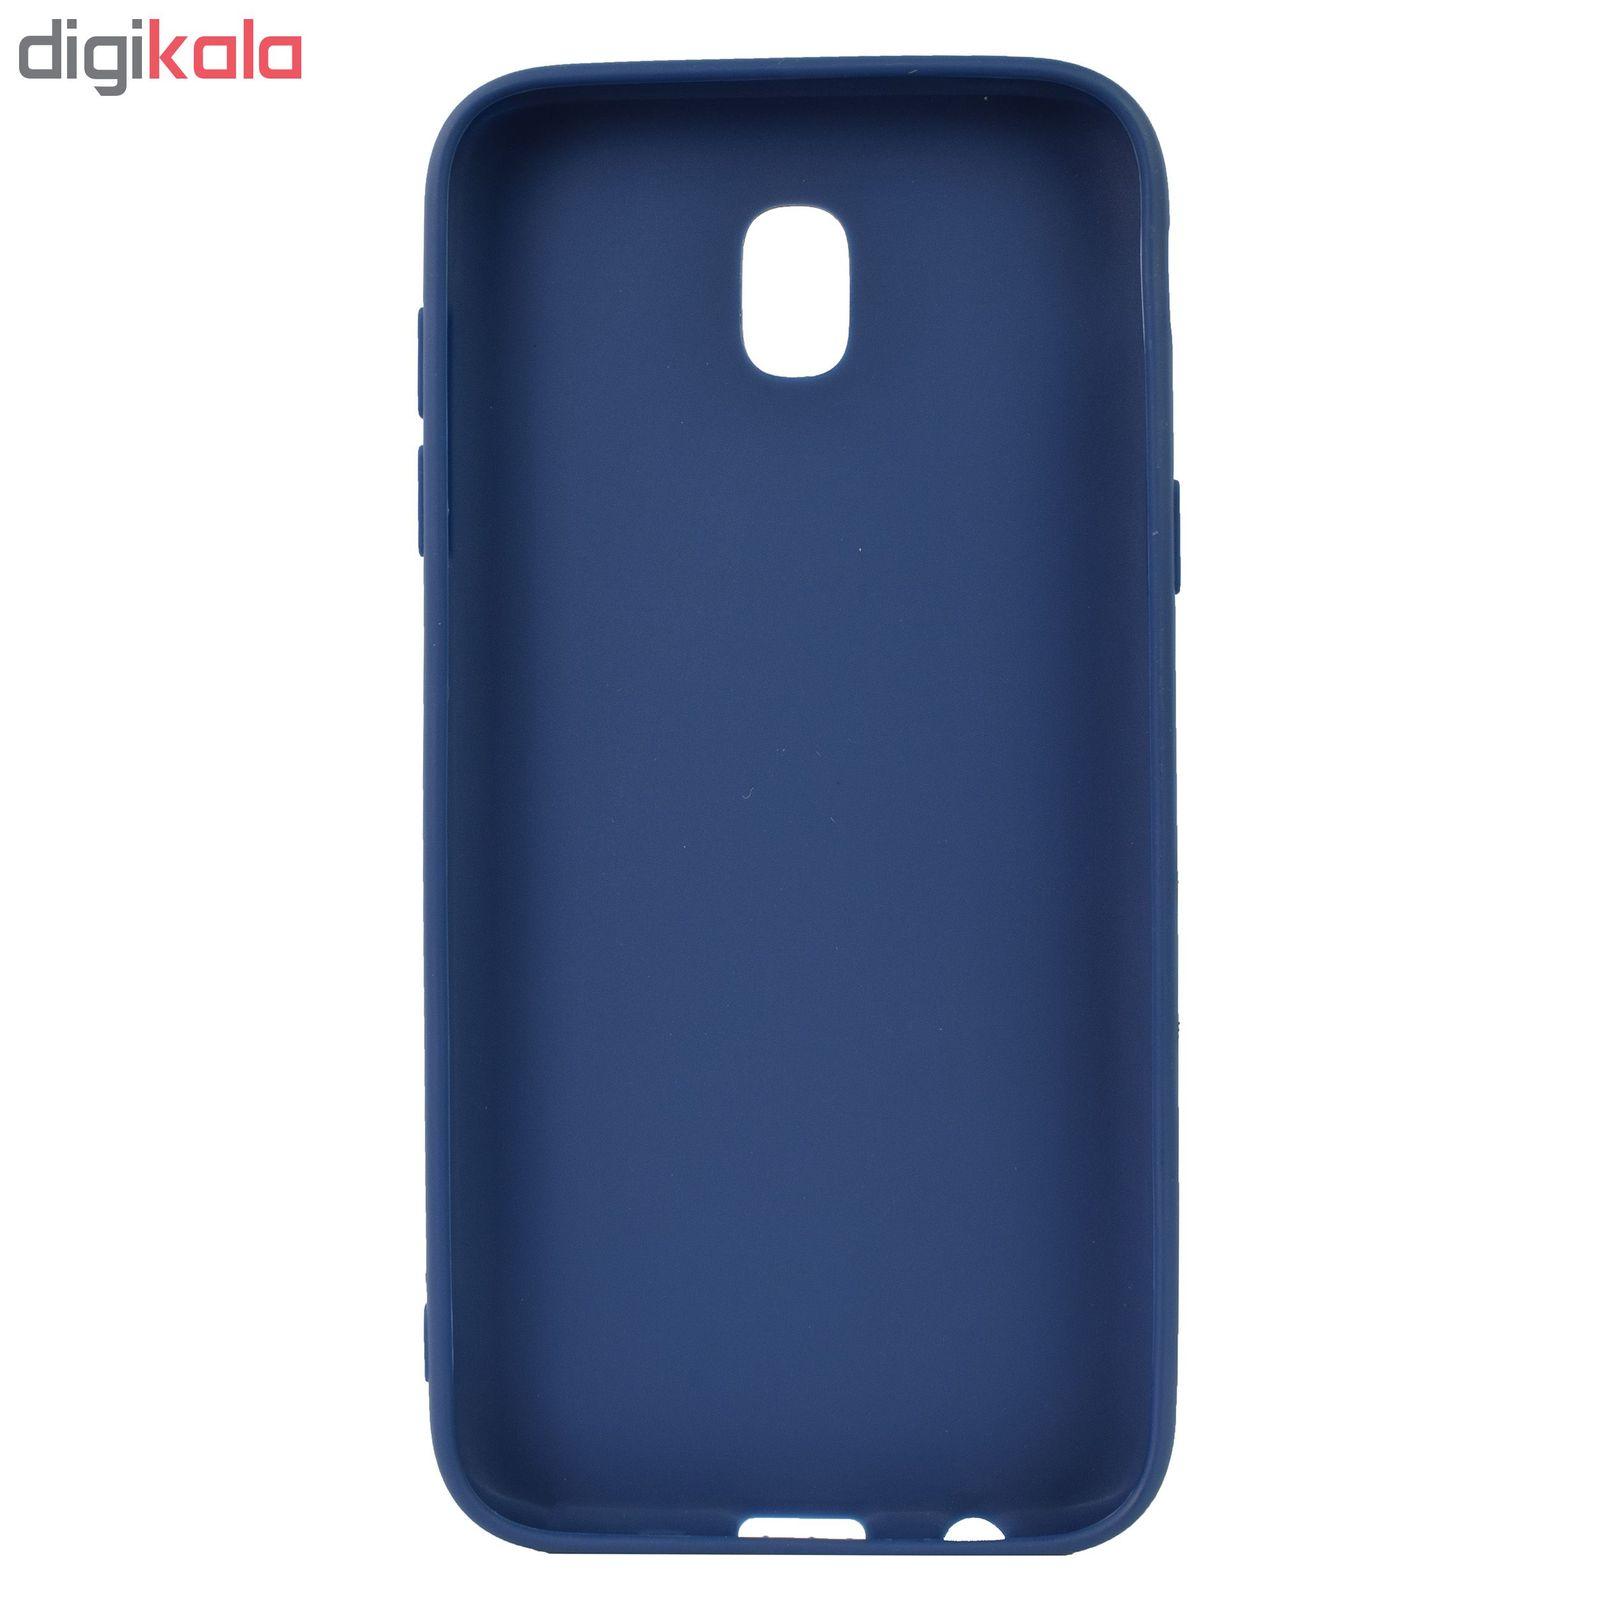 کاور مدل SC20 مناسب برای گوشی موبایل سامسونگ Galaxy J7 Pro / J730 main 1 13